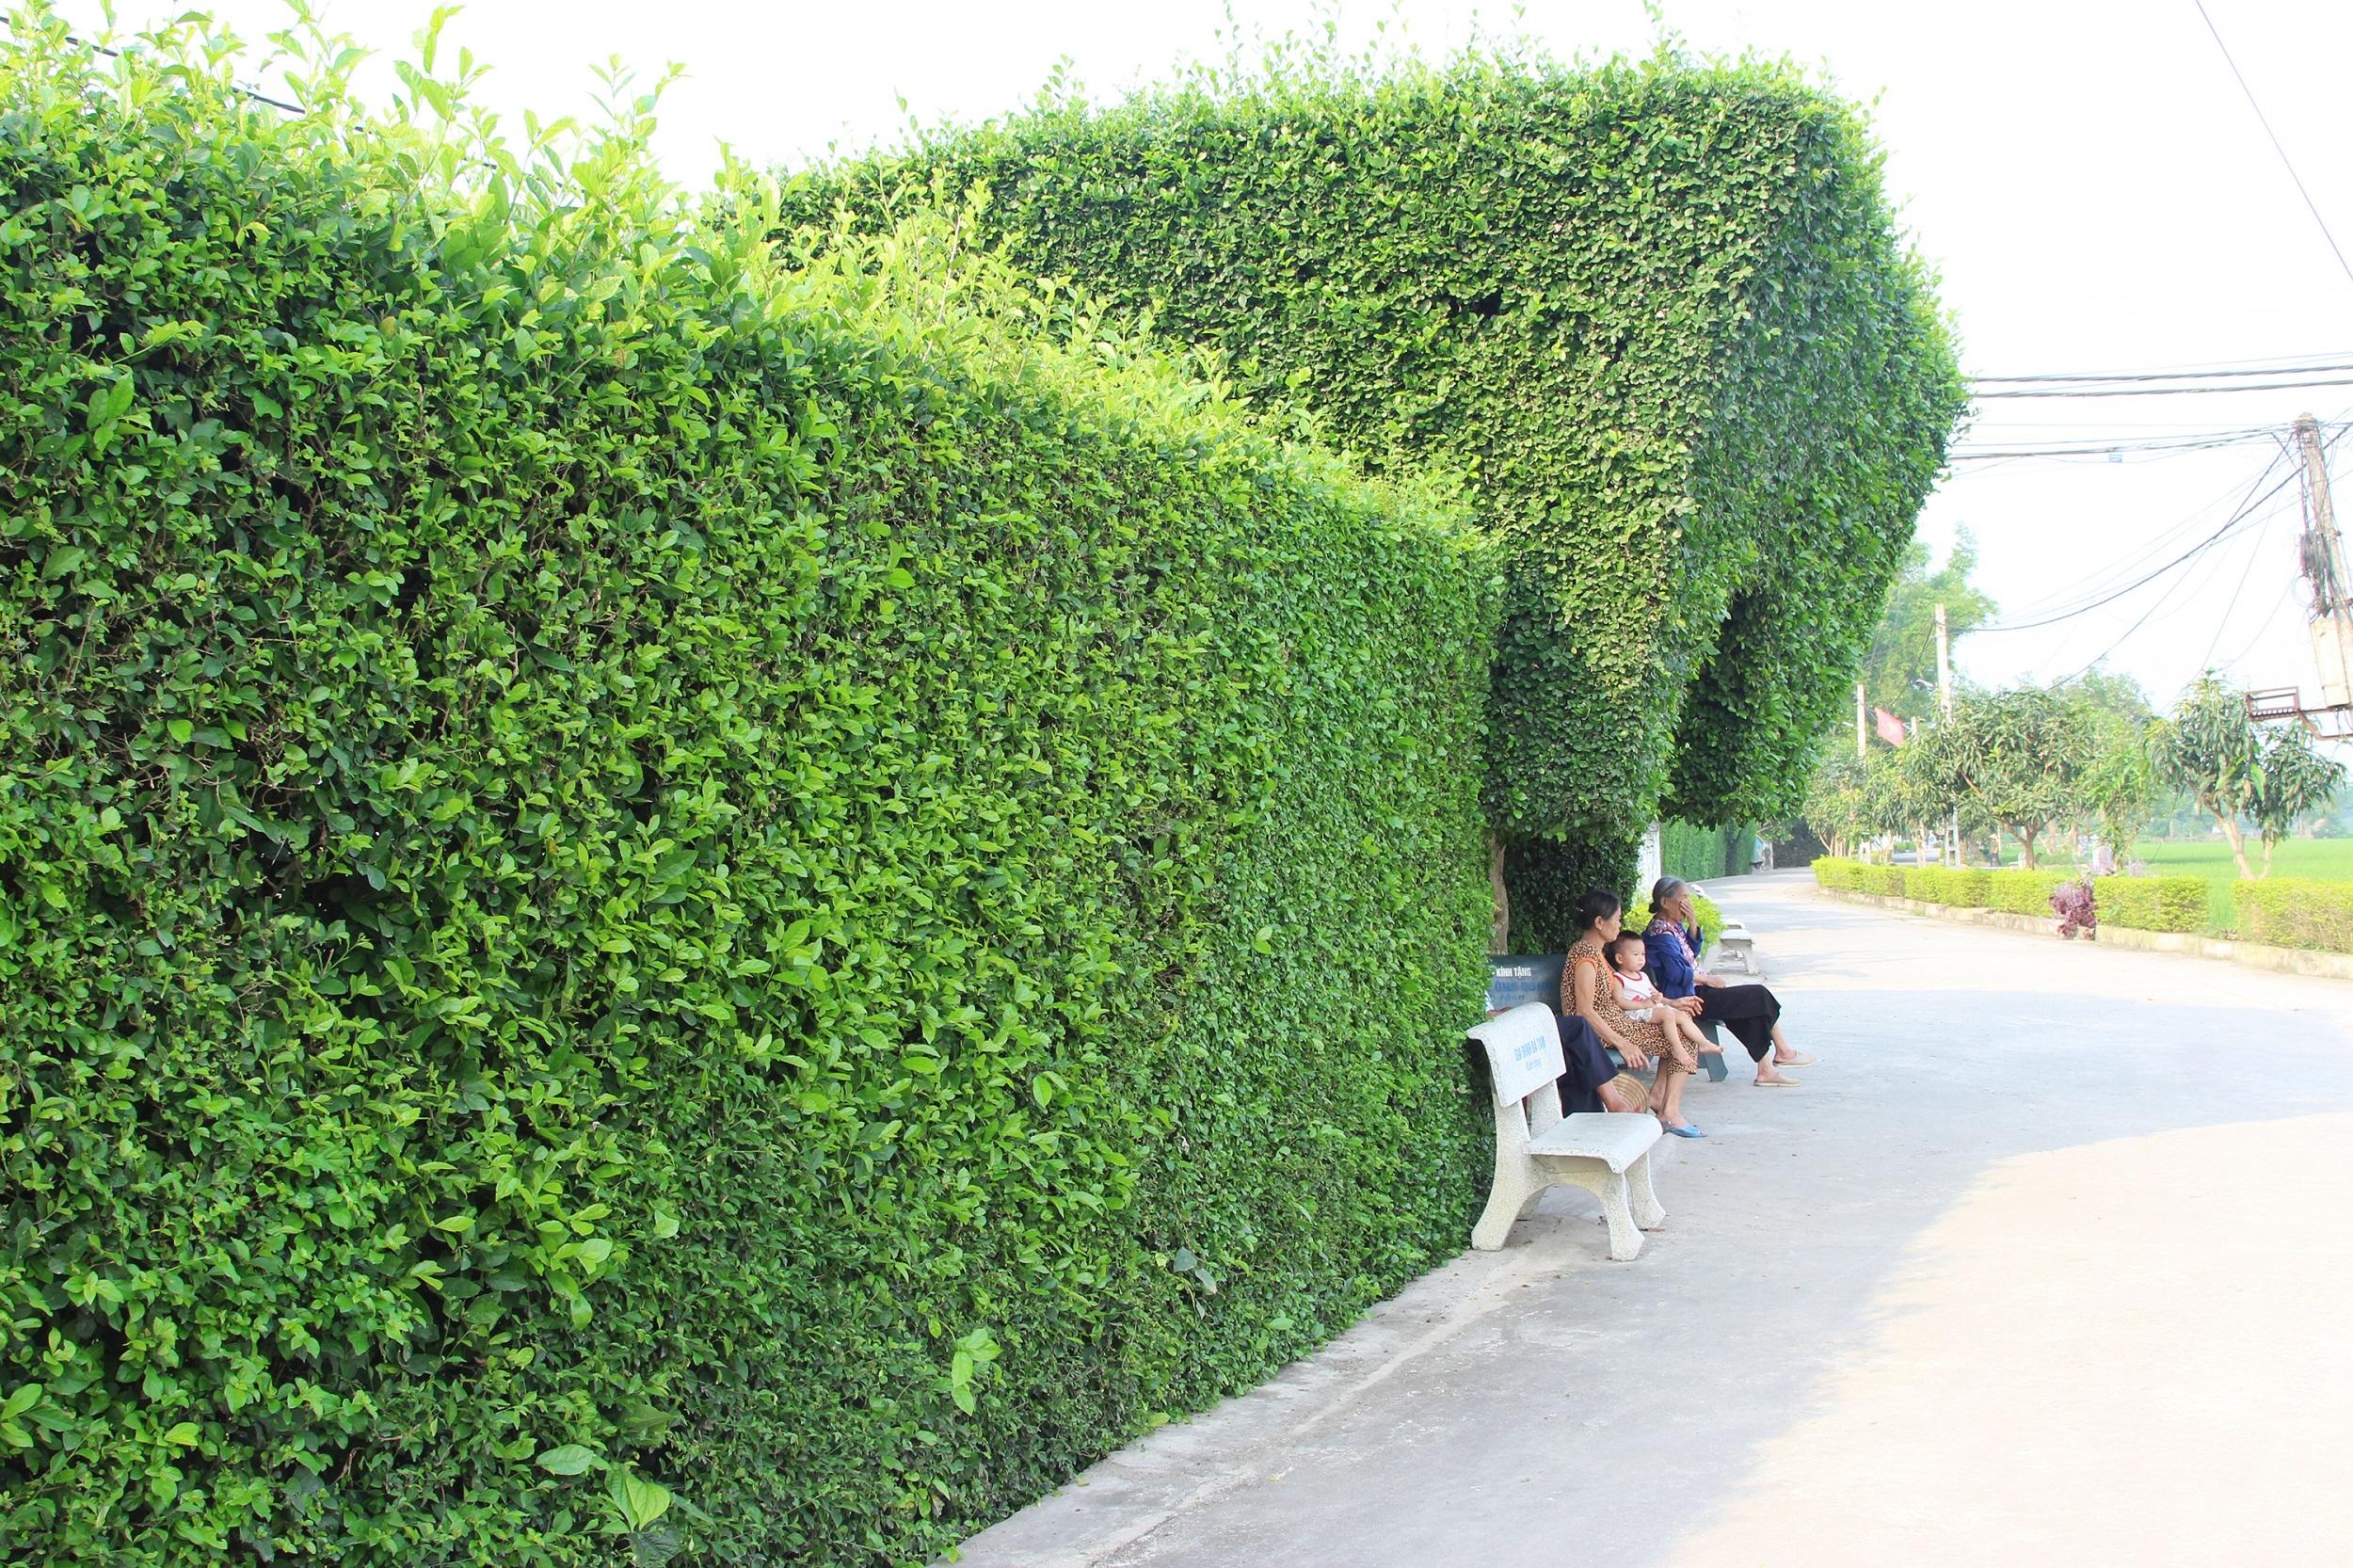 Khi các cây xanh đã thành khuôn, thành hình thì việc cắt tỉa  ít hơn. Ông Phan Mai (81, chủ cổng nhà này) cho biết trung bình 1 năm phải cắt tỉa 4 - 5 lần. Mỗi lần phải mất 2 - 3 ngày